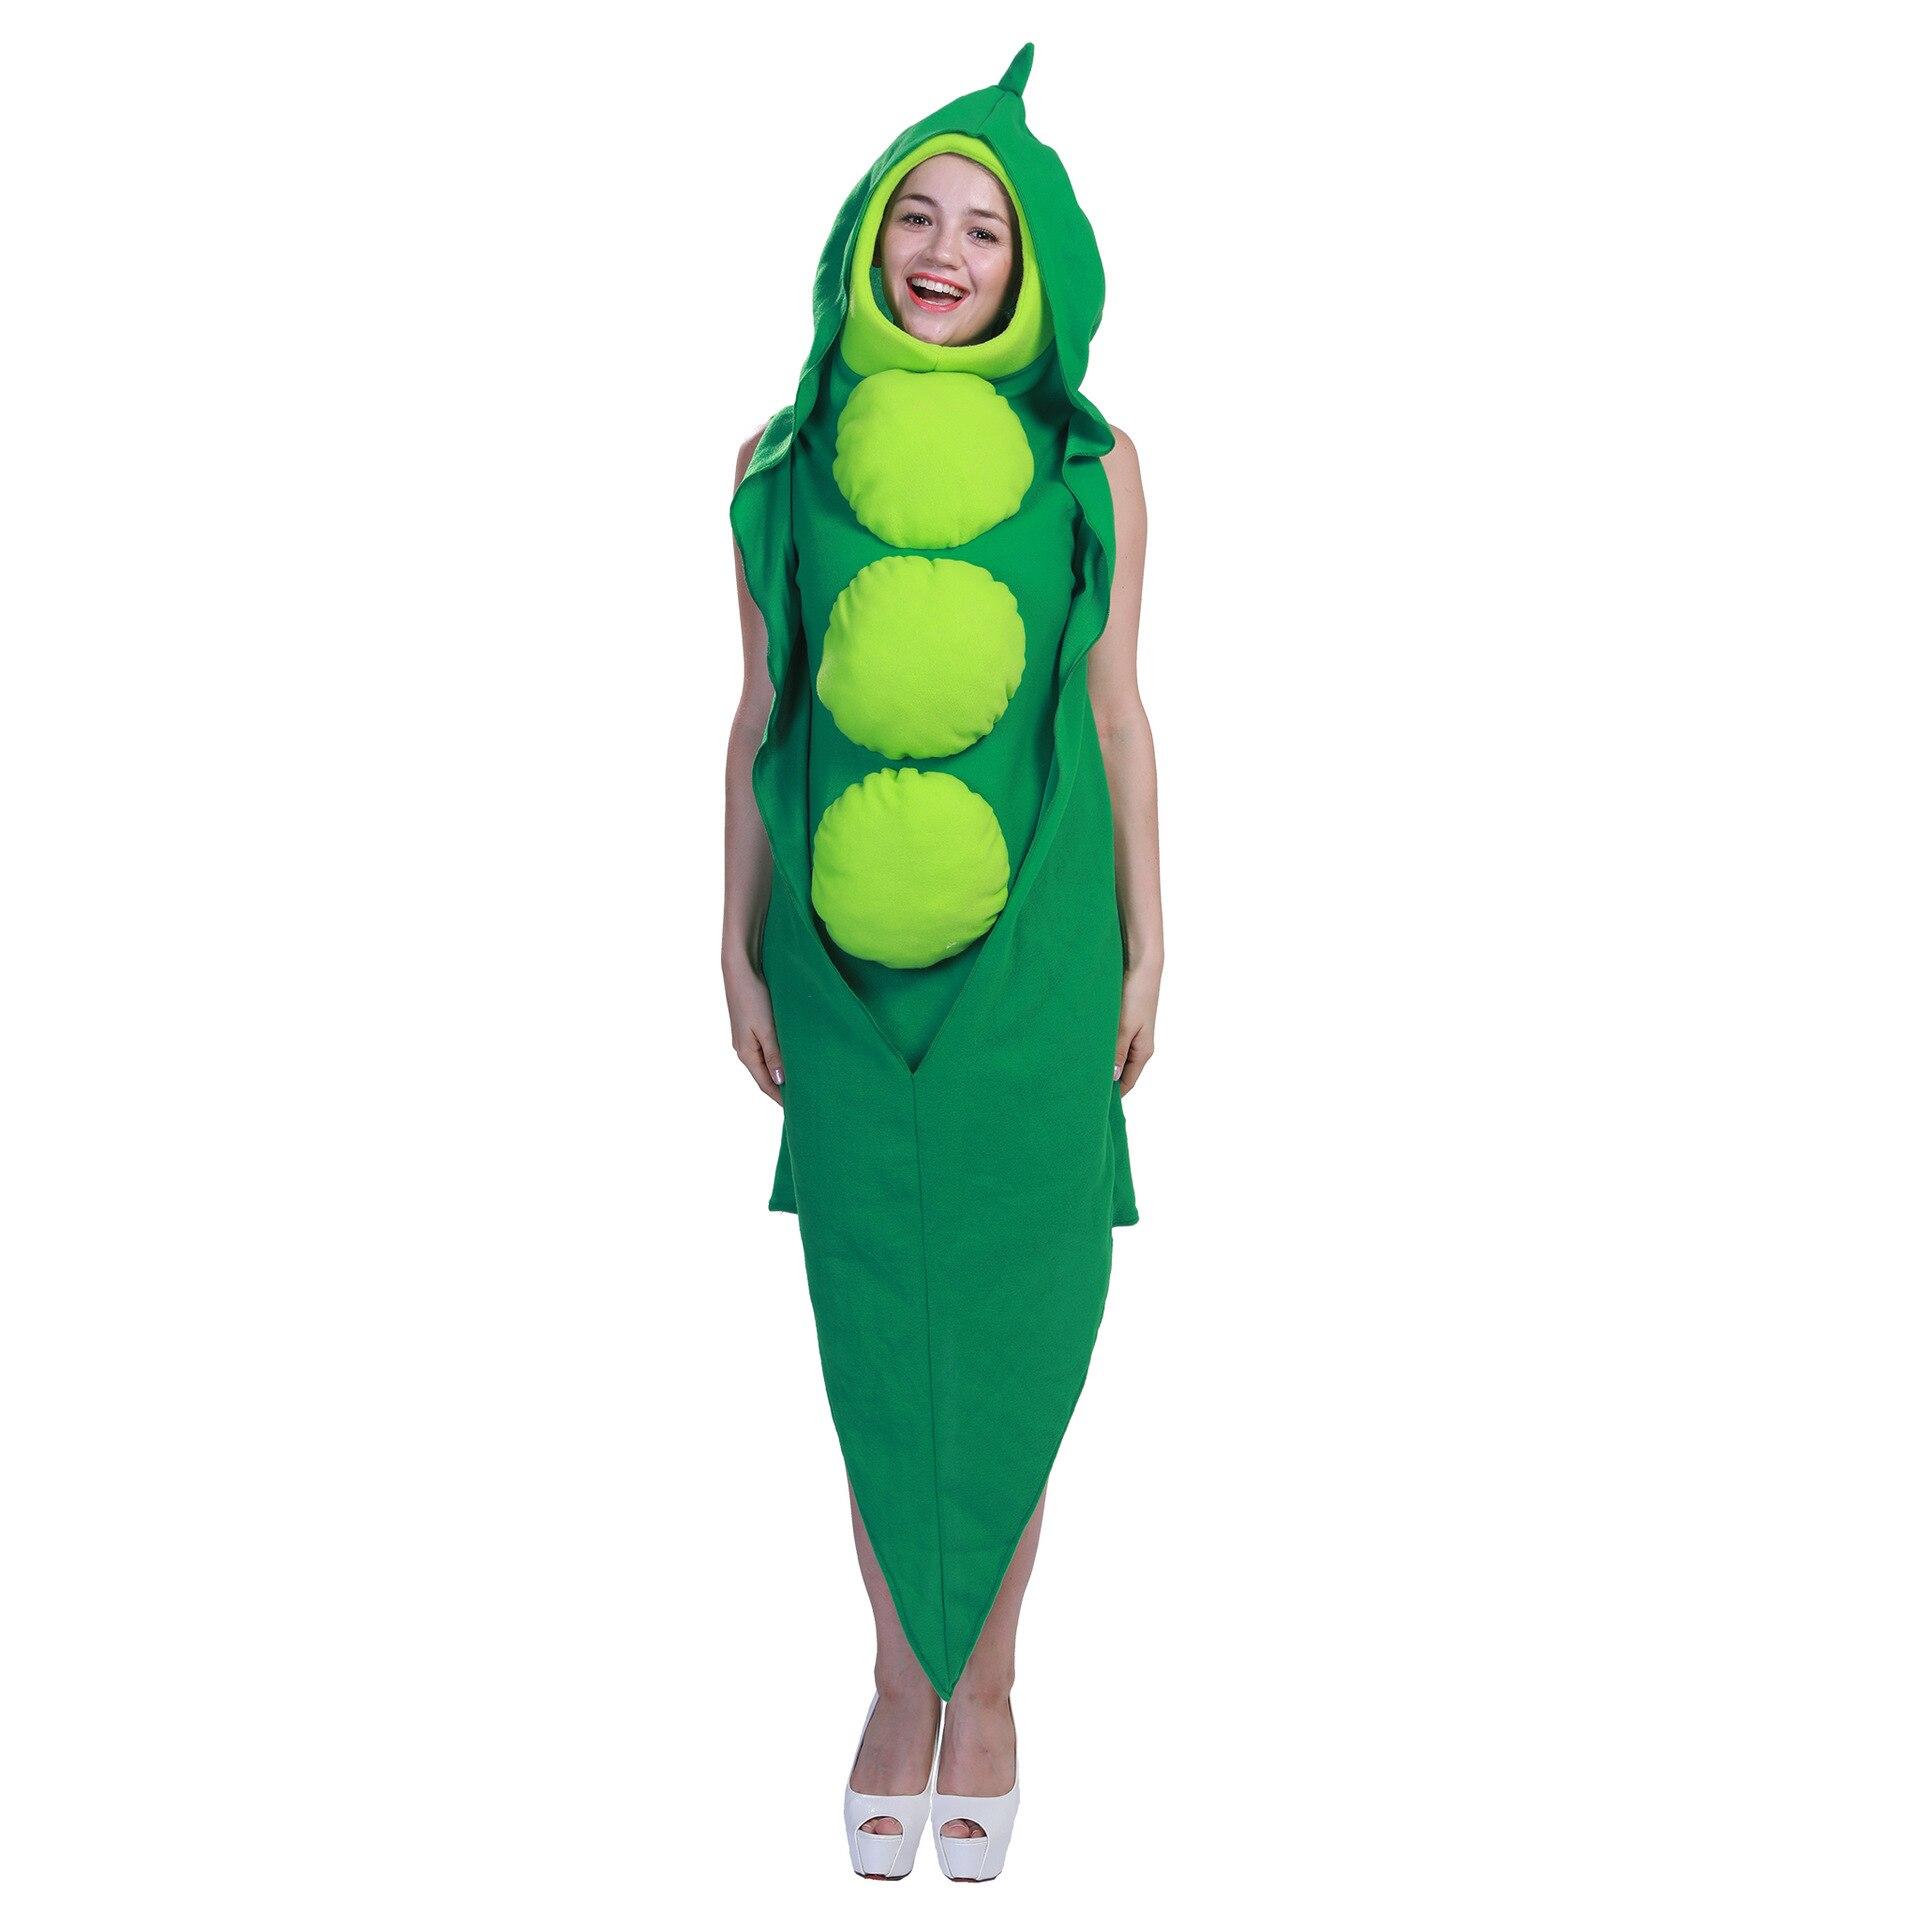 Nuevo adulto de cosplay anime traje de Halloween para las mujeres los hombres frutas y verduras planta verde fiesta de Carnaval vestido